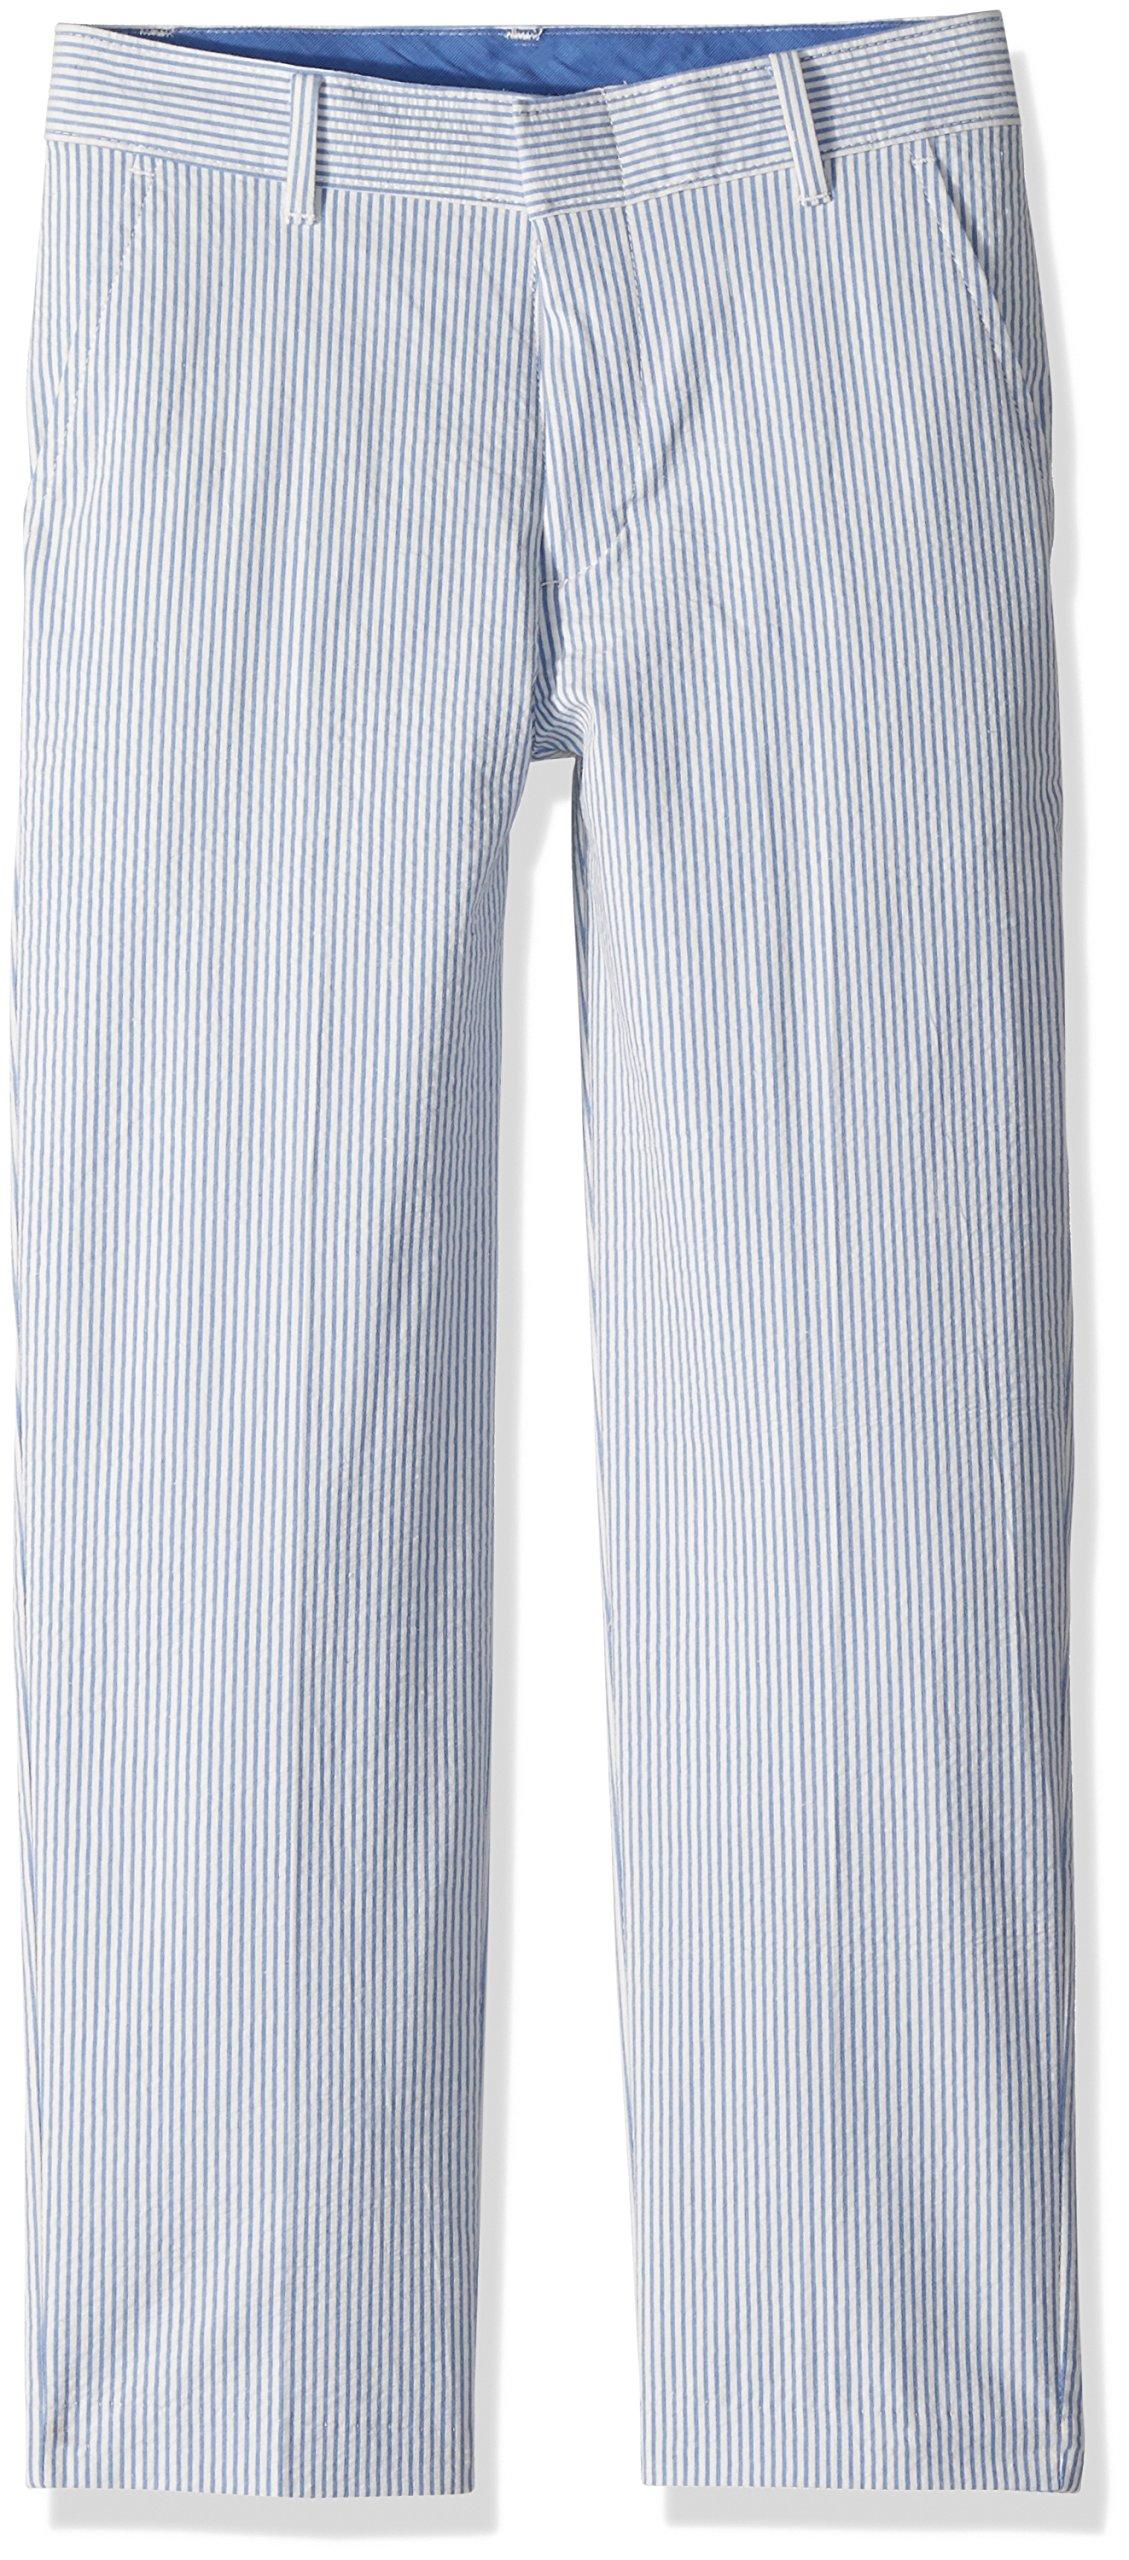 Izod boys Seersucker Flat Front Dress Pant, Seersucker Blue, 12